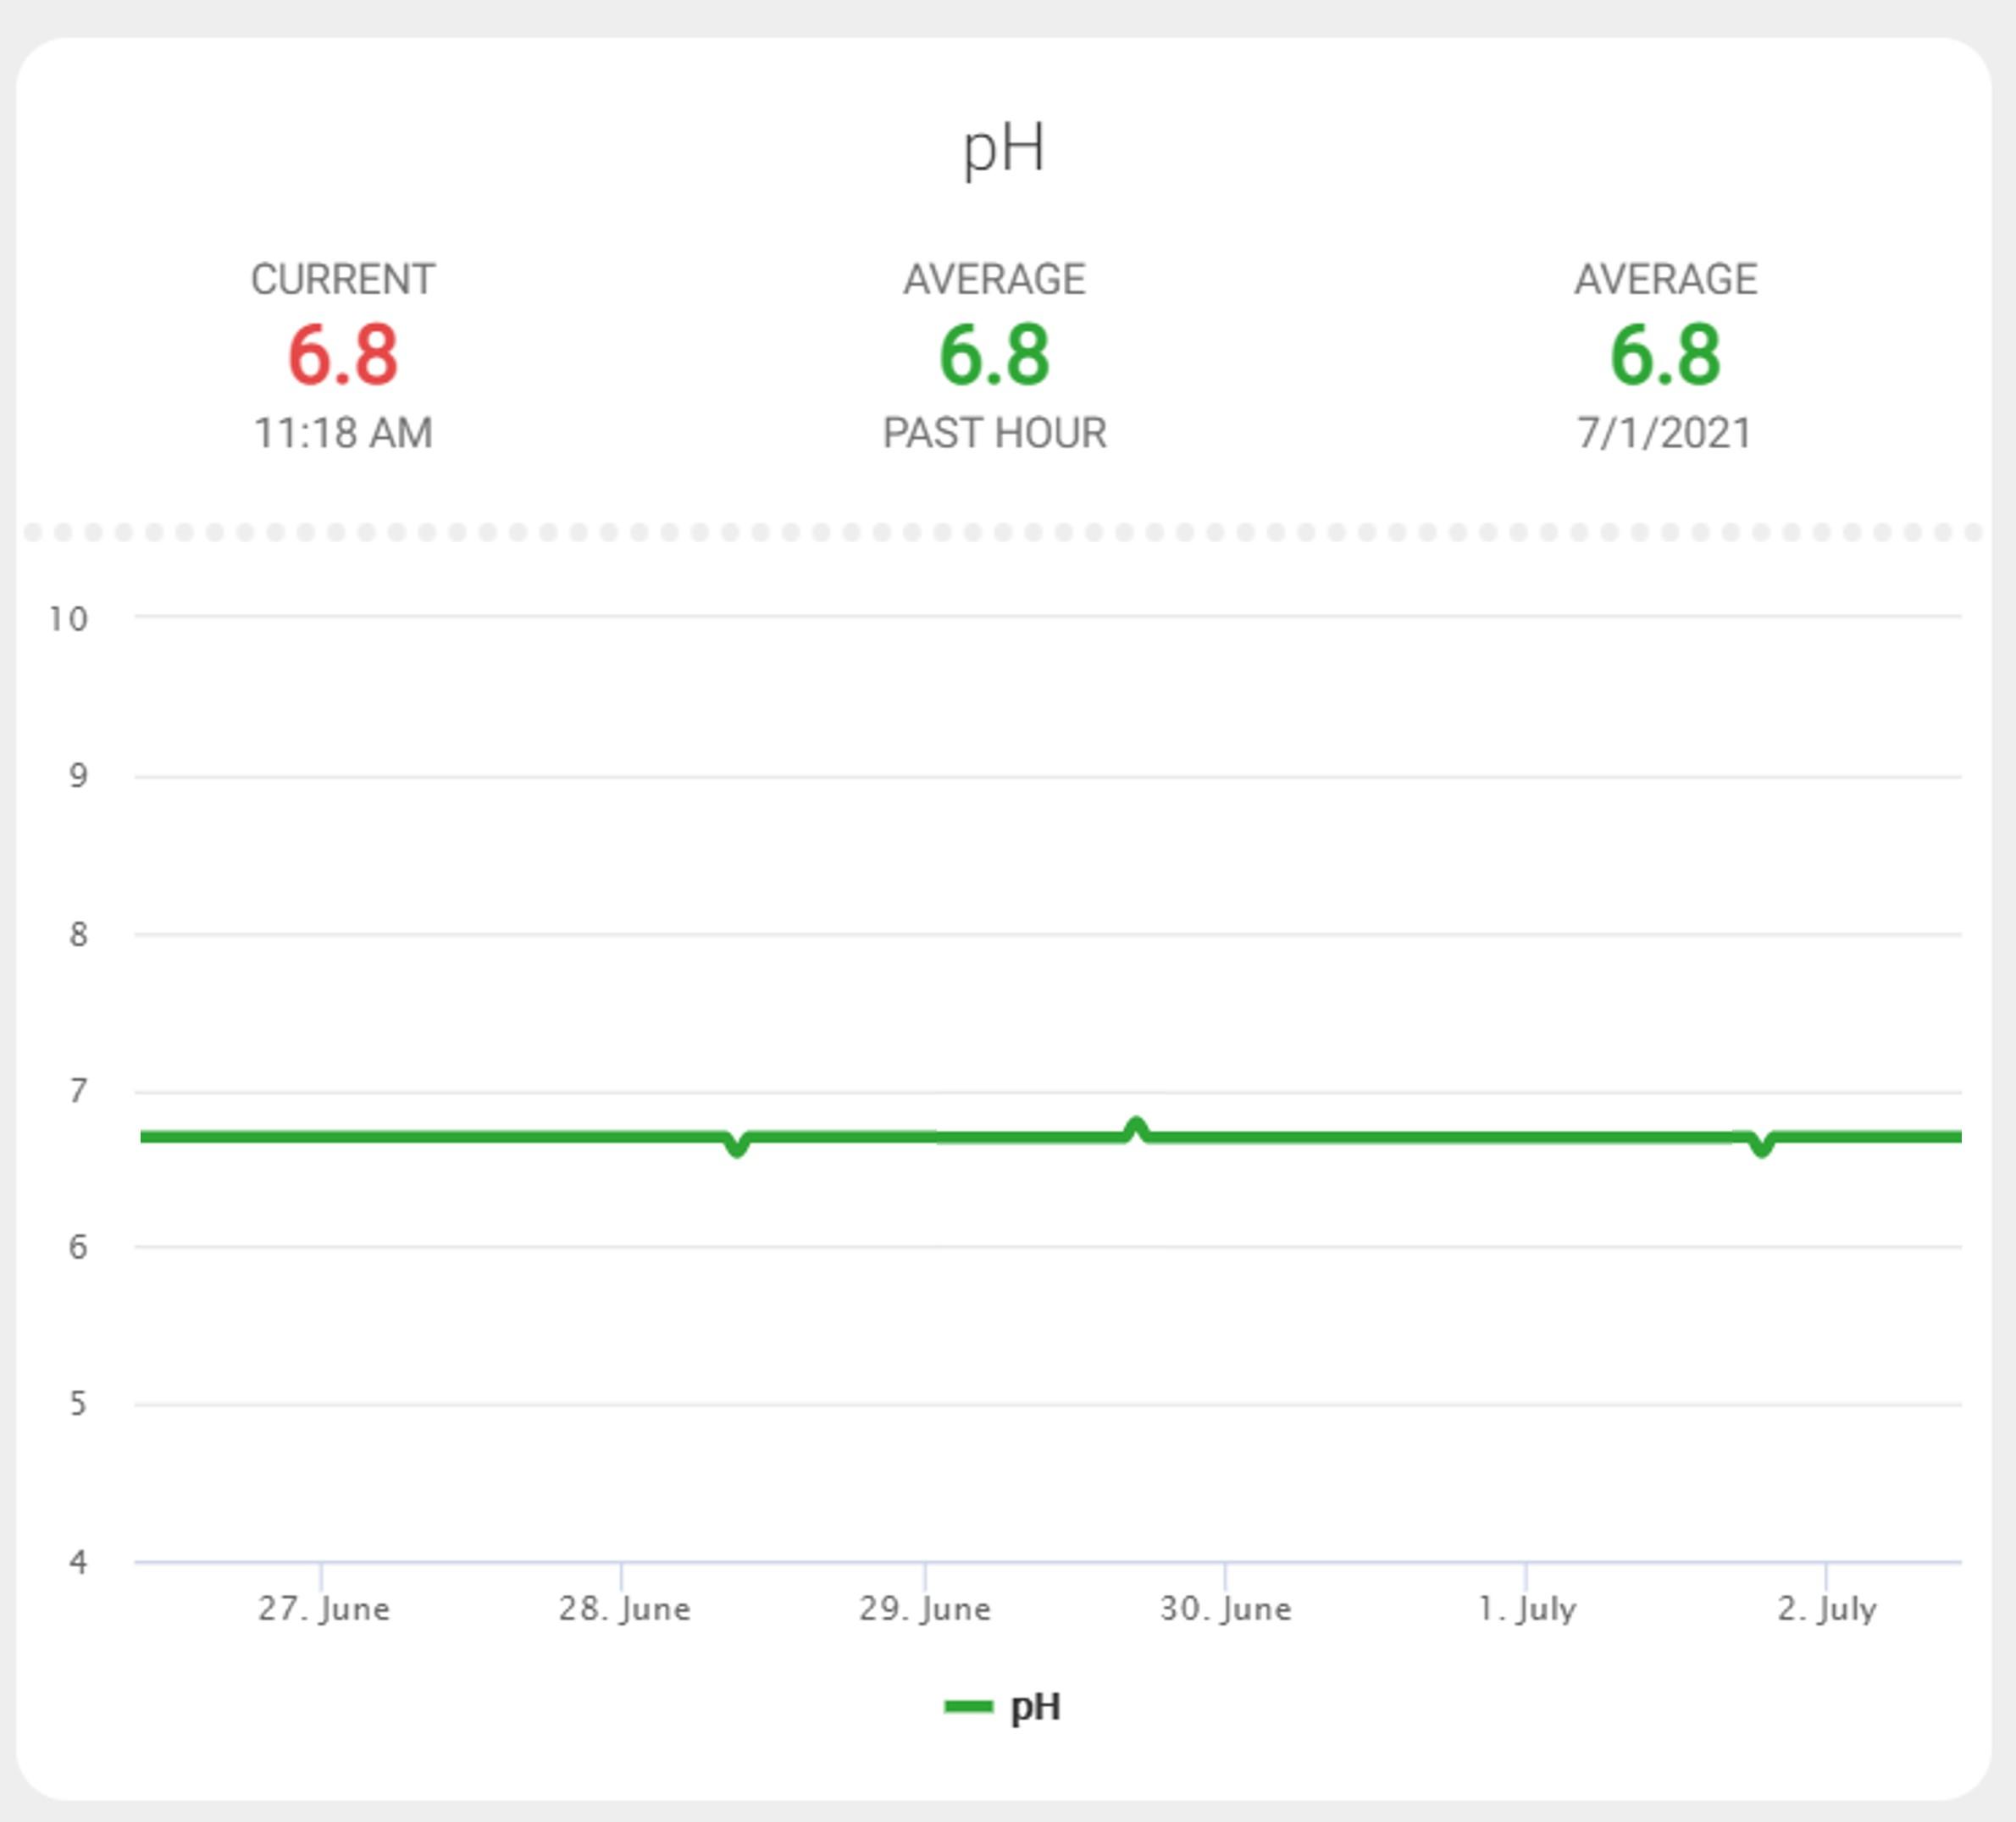 Evolution du pH sur l'interface du hub et stabilisation autour de 6,8.